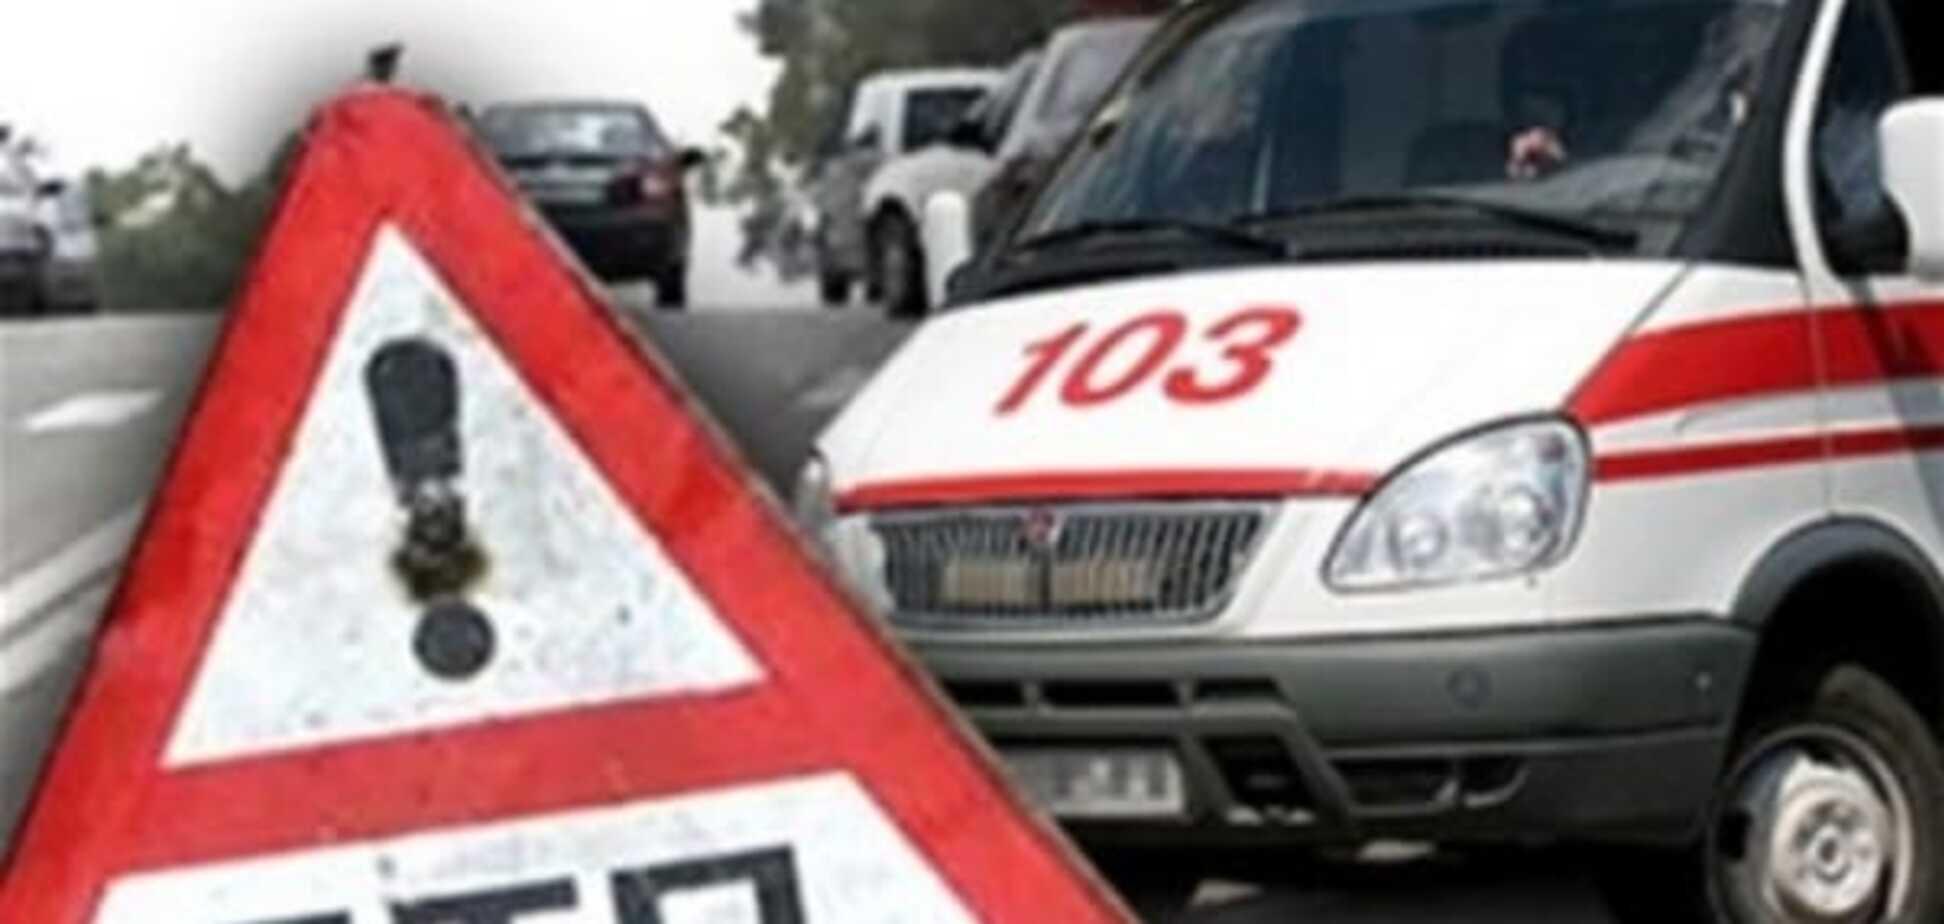 Смертельное ДТП под Запорожьем: водитель 'Волги' сбил двух пешеходов и скрылся